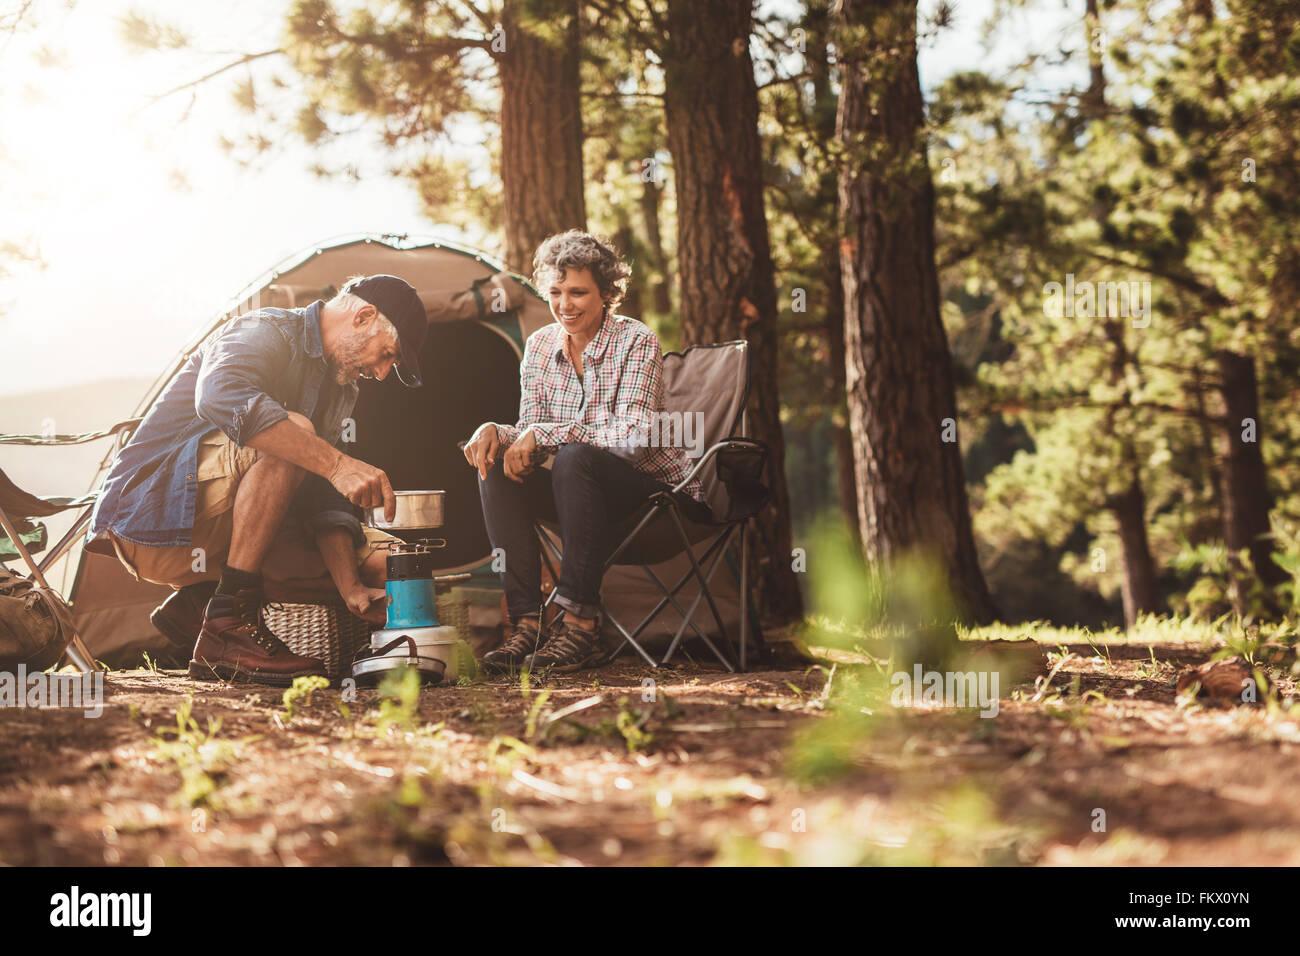 Allegri e felici all'aperto nel deserto e la produzione del caffè su una stufa. Coppia senior su una vacanza Immagini Stock